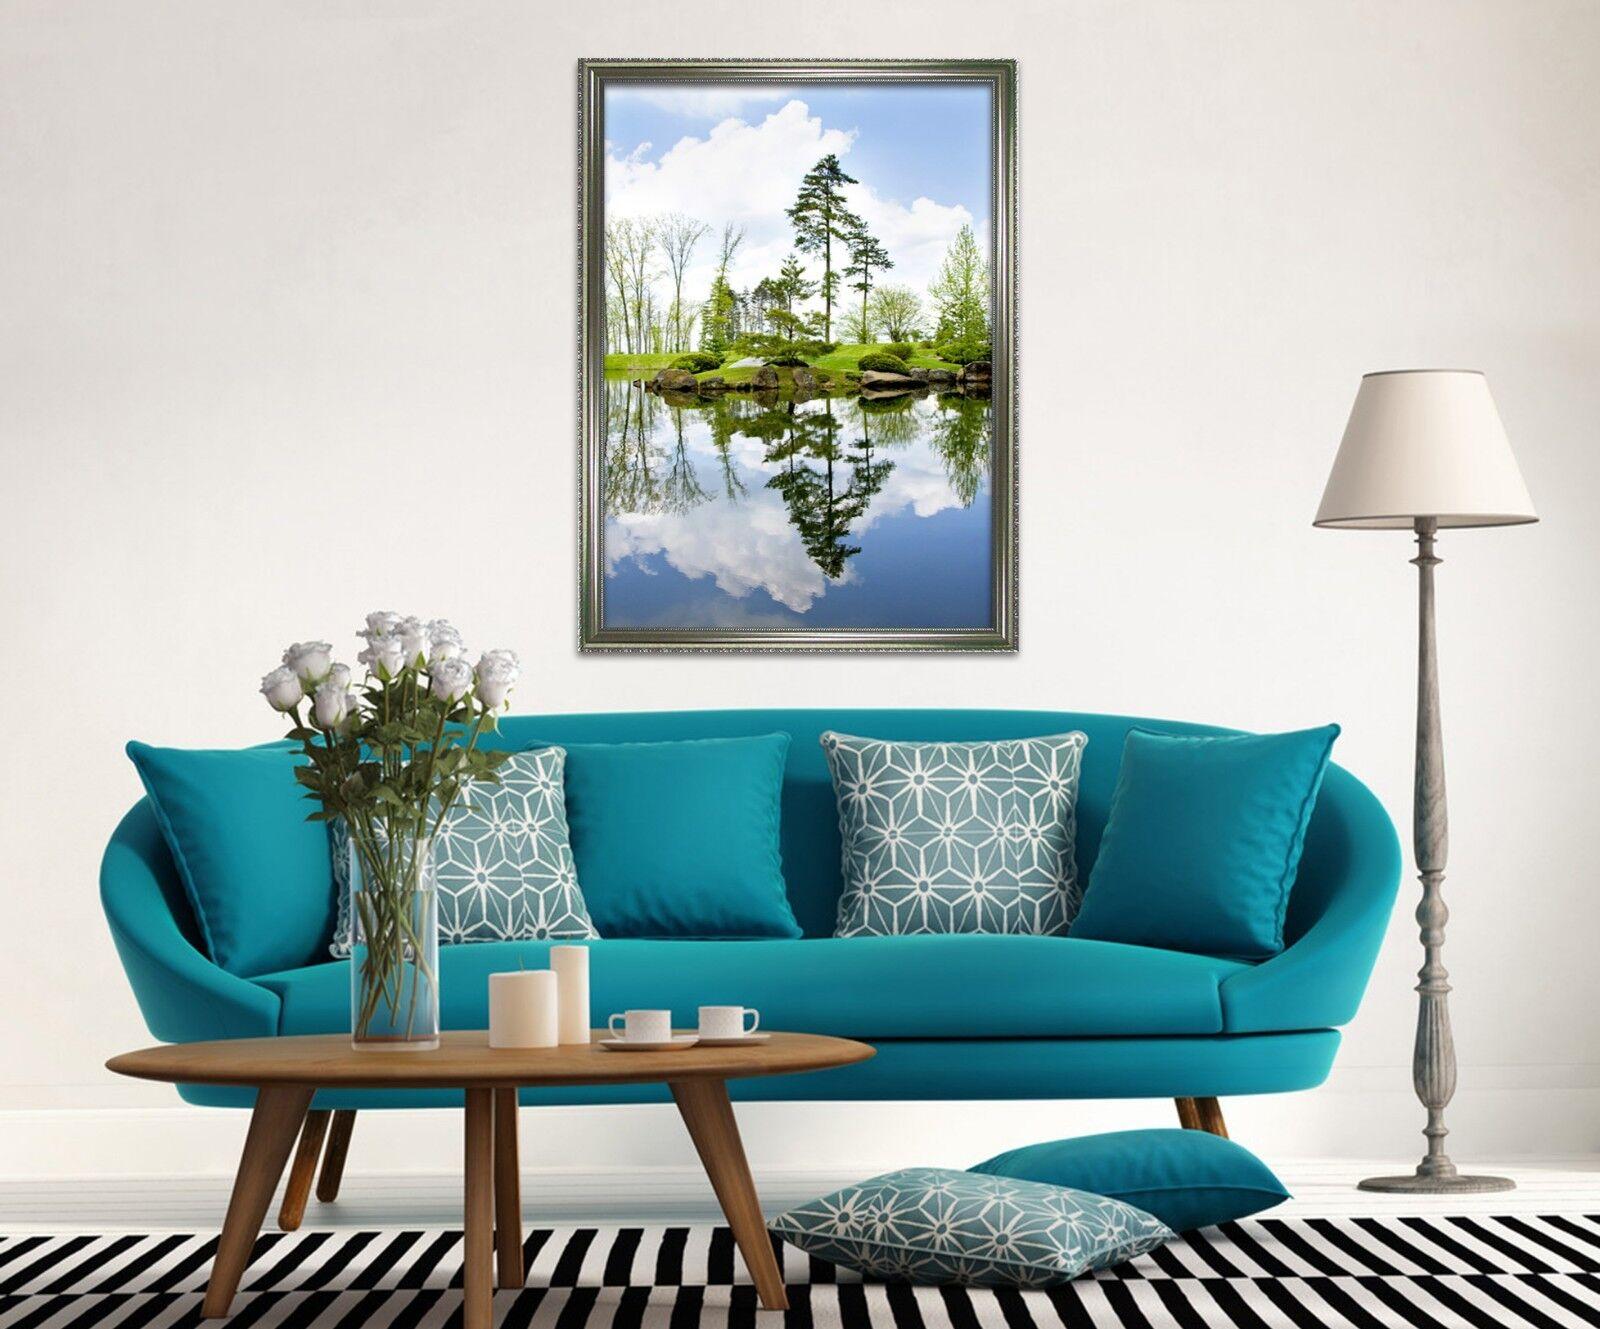 3D Small Tree River 69 Framed Poster Home Decor Drucken Painting Kunst AJ UK